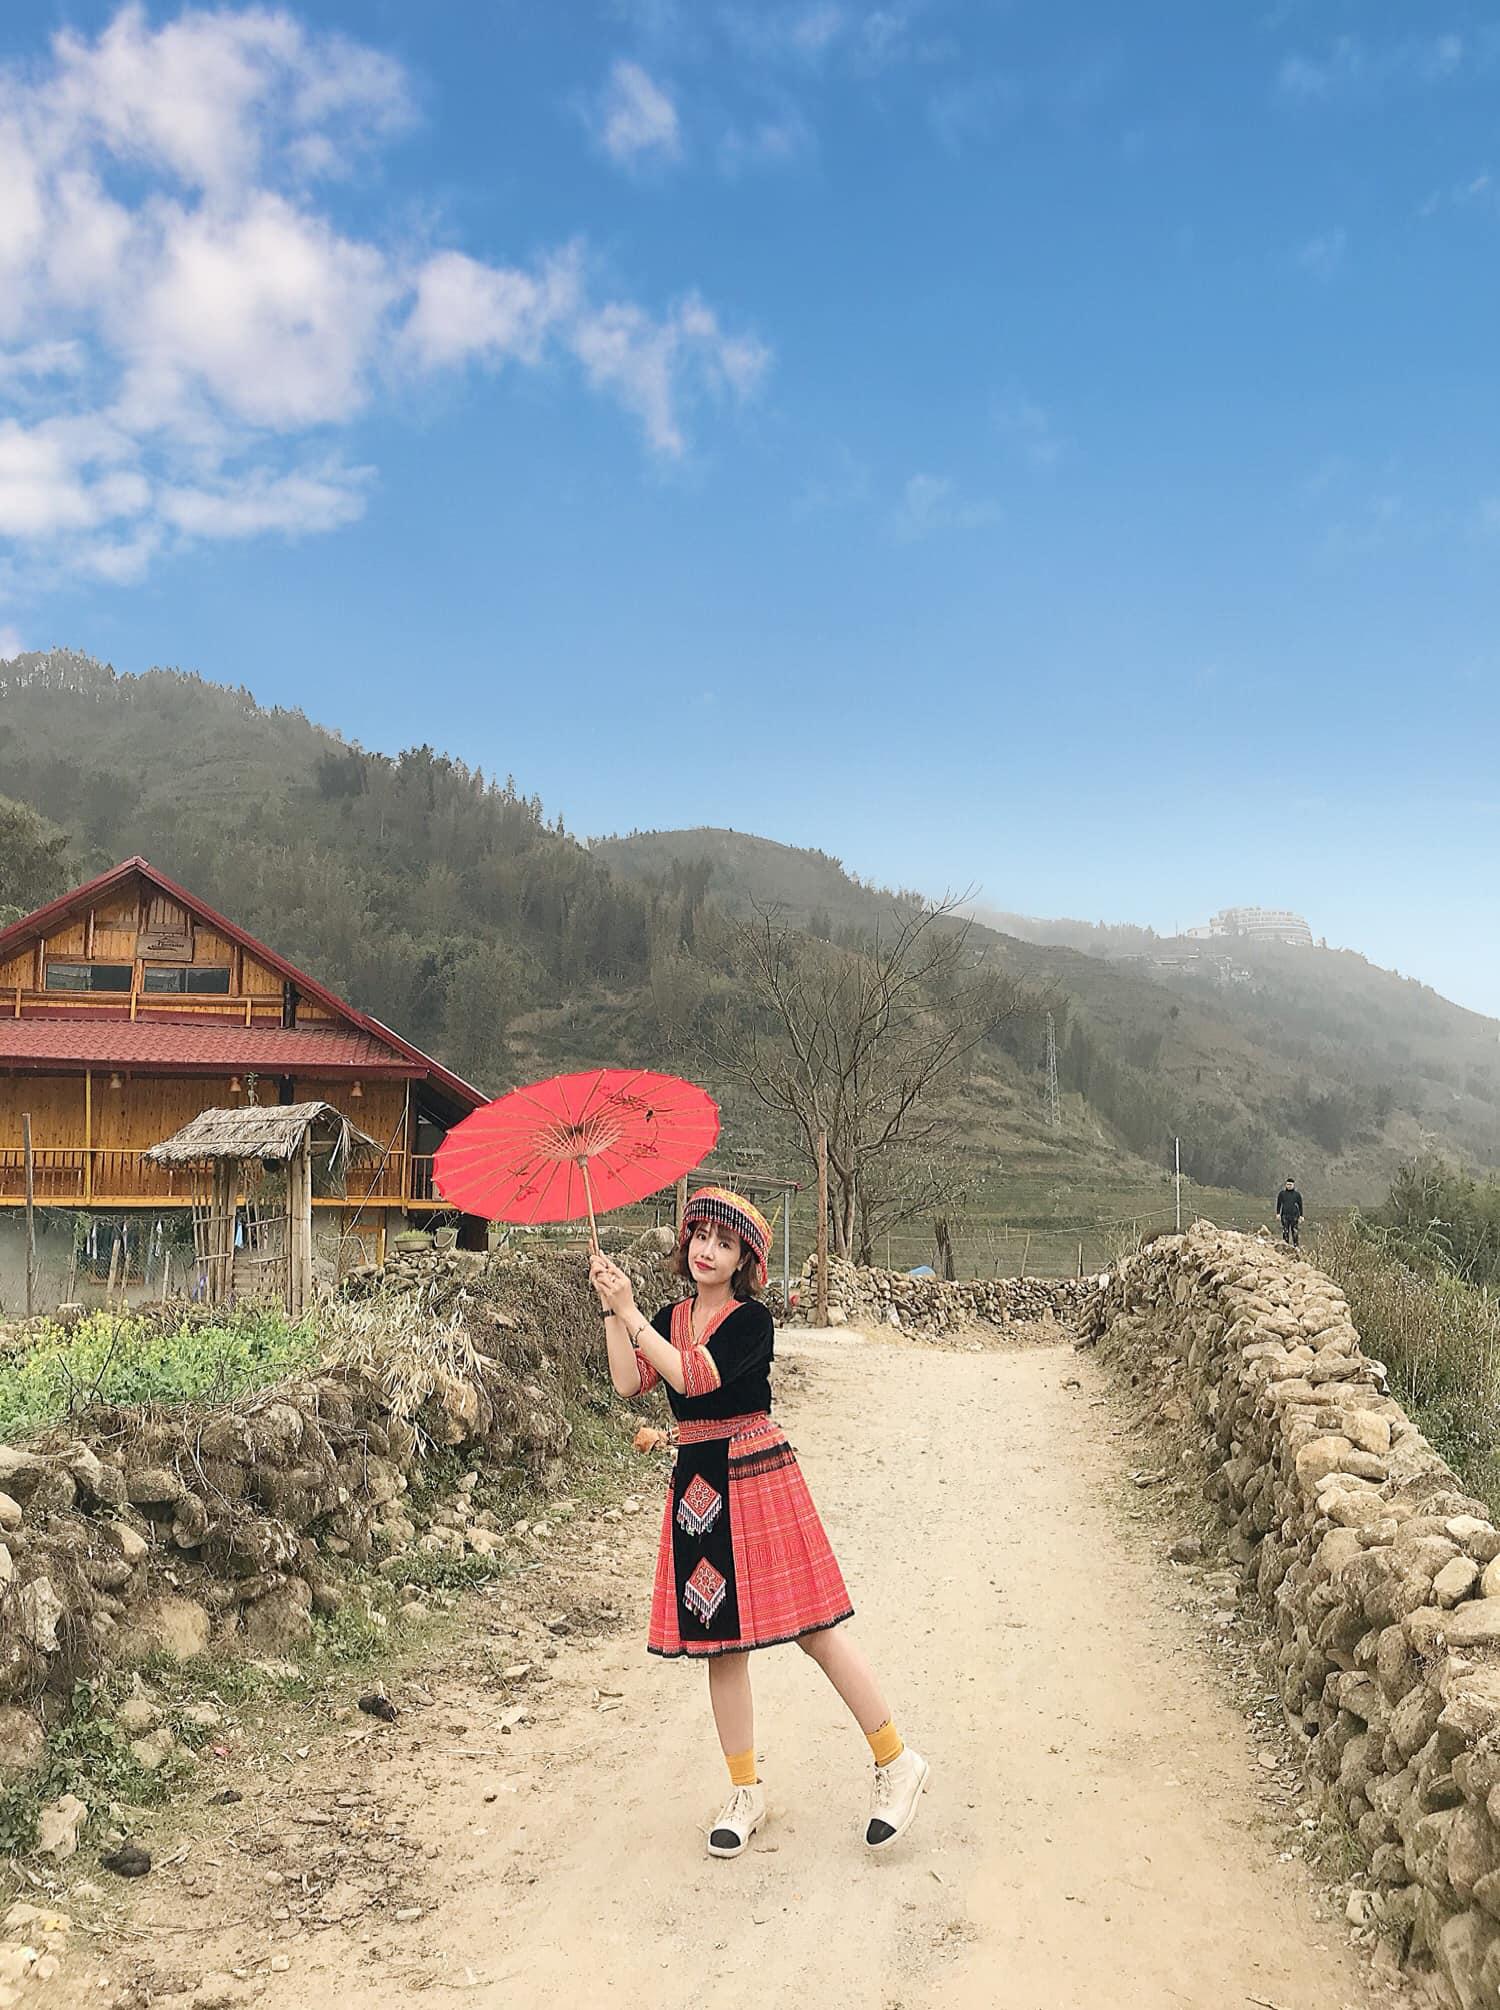 Tour du lịch Sapa từ Quảng Ninh: Rộn rã ngày hè với những gói tour cực ưu đãi  - Ảnh 13.